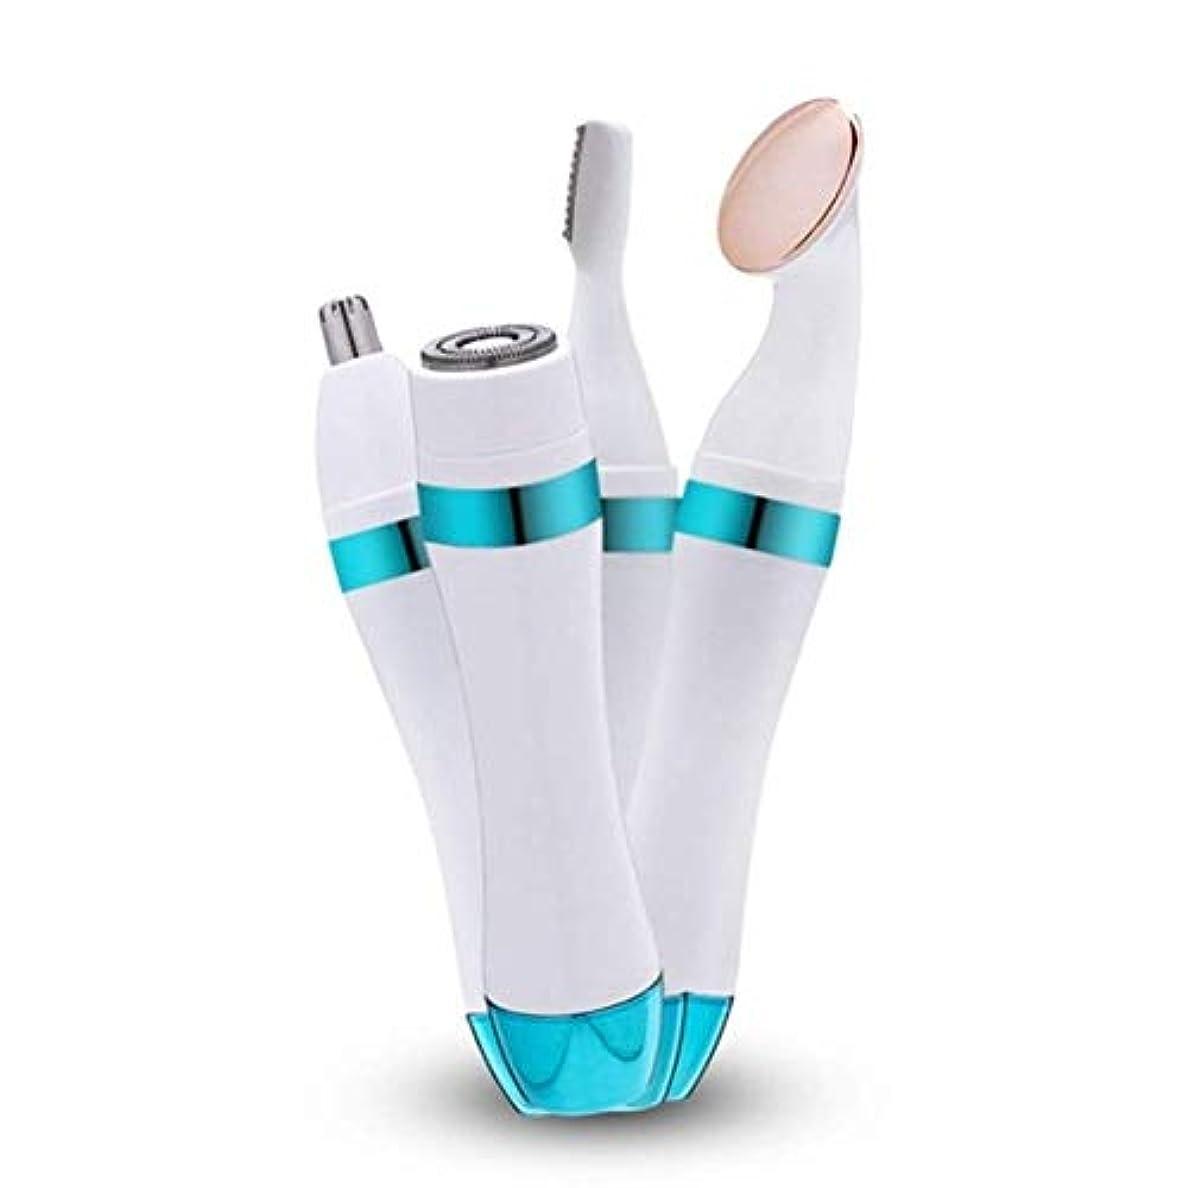 商品チャネルバンジージャンプ電気鼻毛トリマー、4-in-1レディシェーバー、多機能カミソリアイブロウトリマー